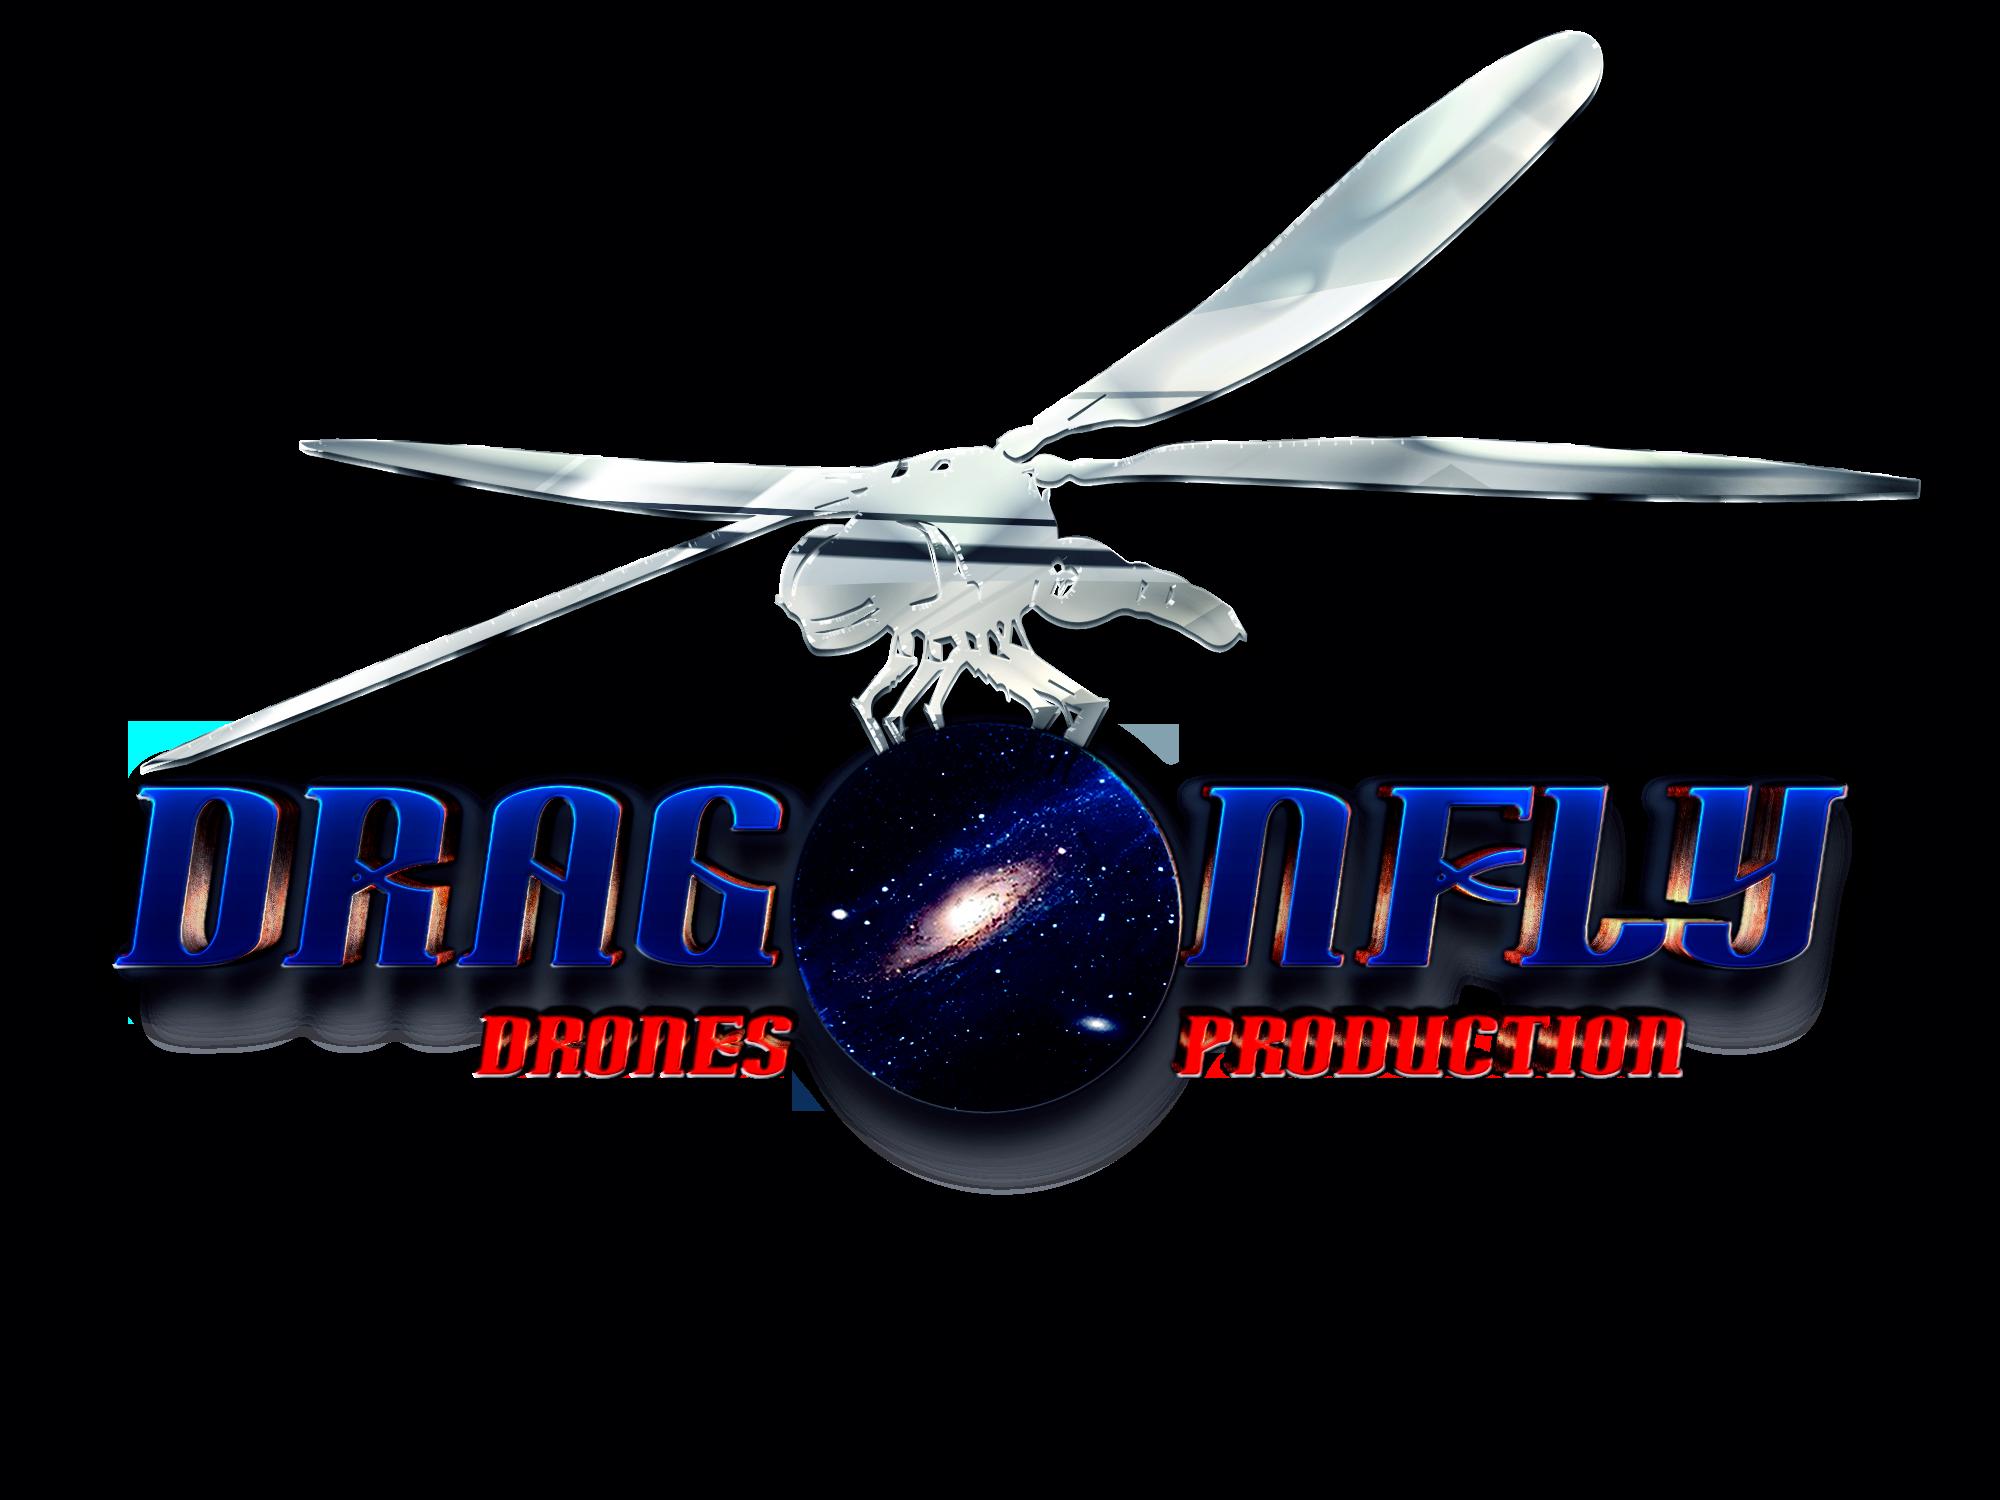 Dragonflytransparency